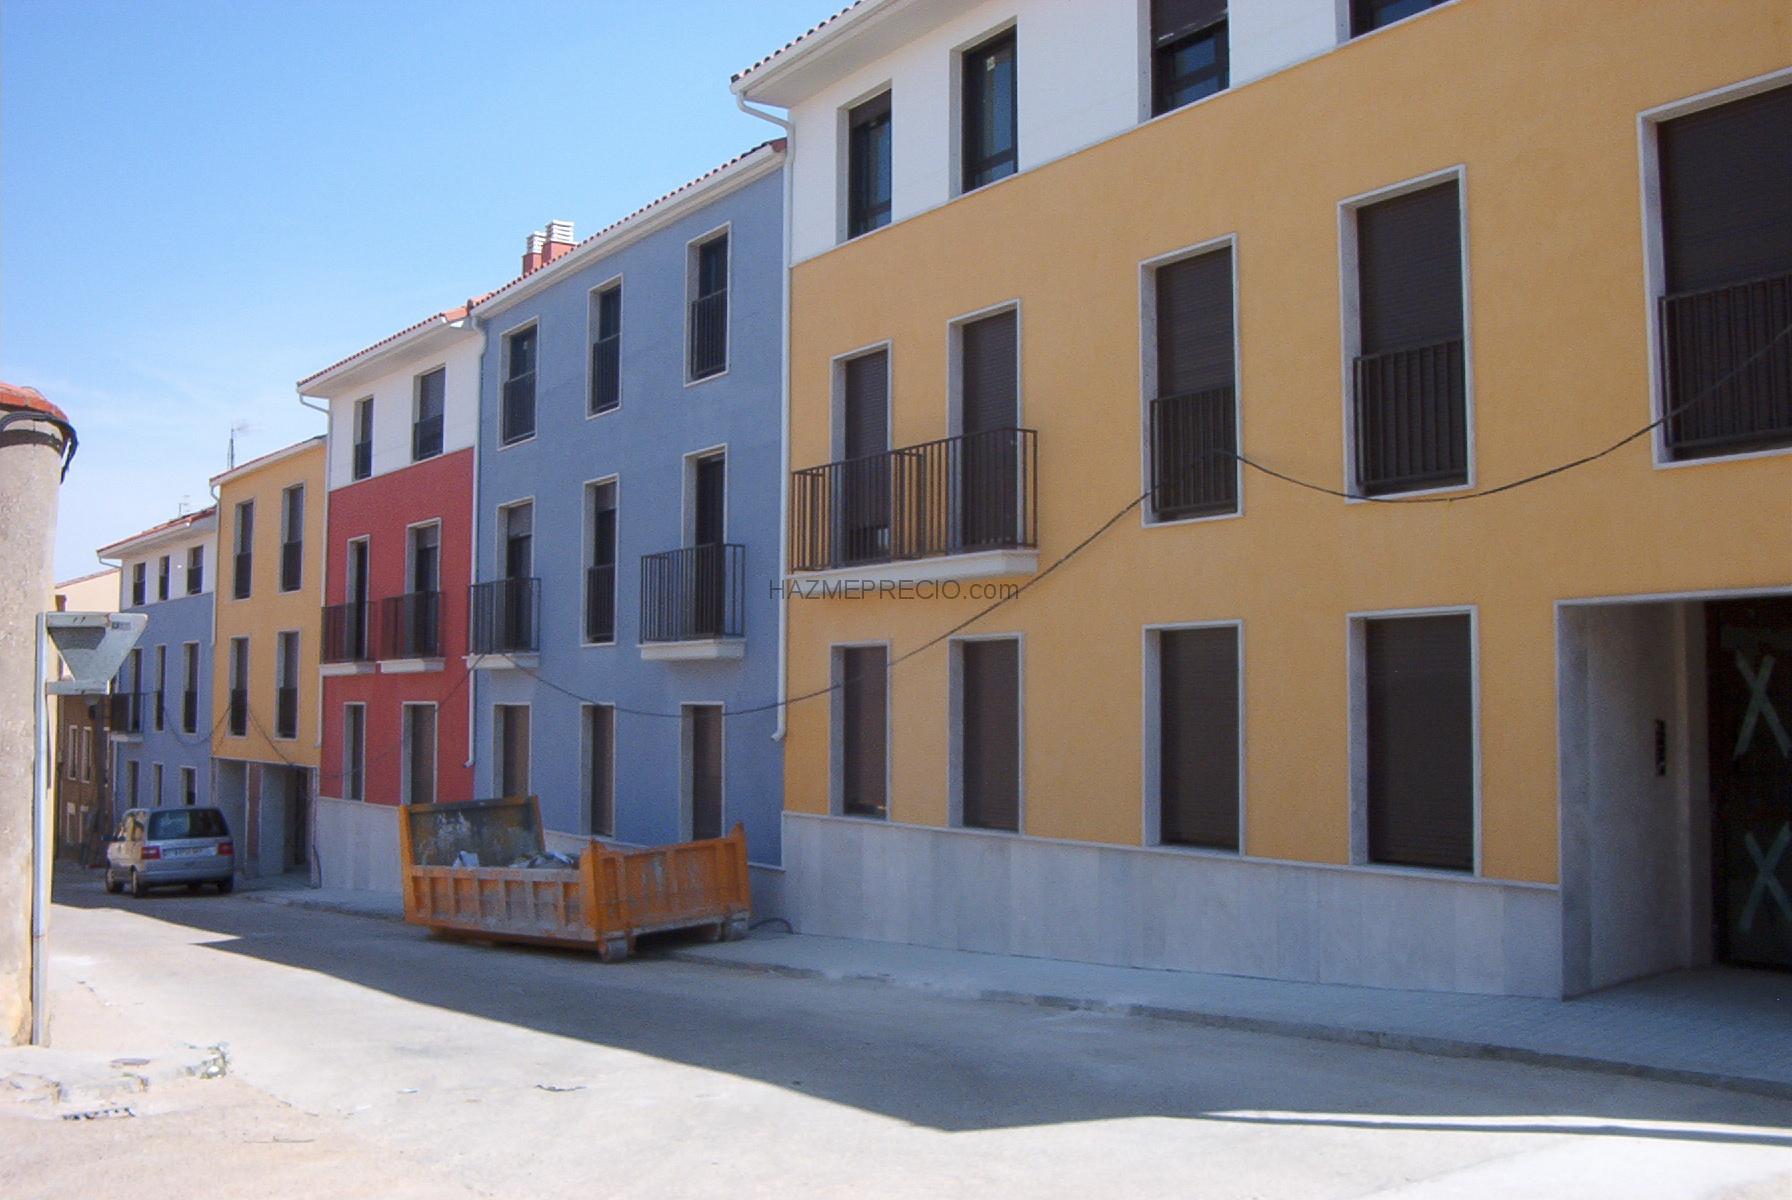 Presupuesto para construir una casa 120 metros for Precio construir casa 120 metros